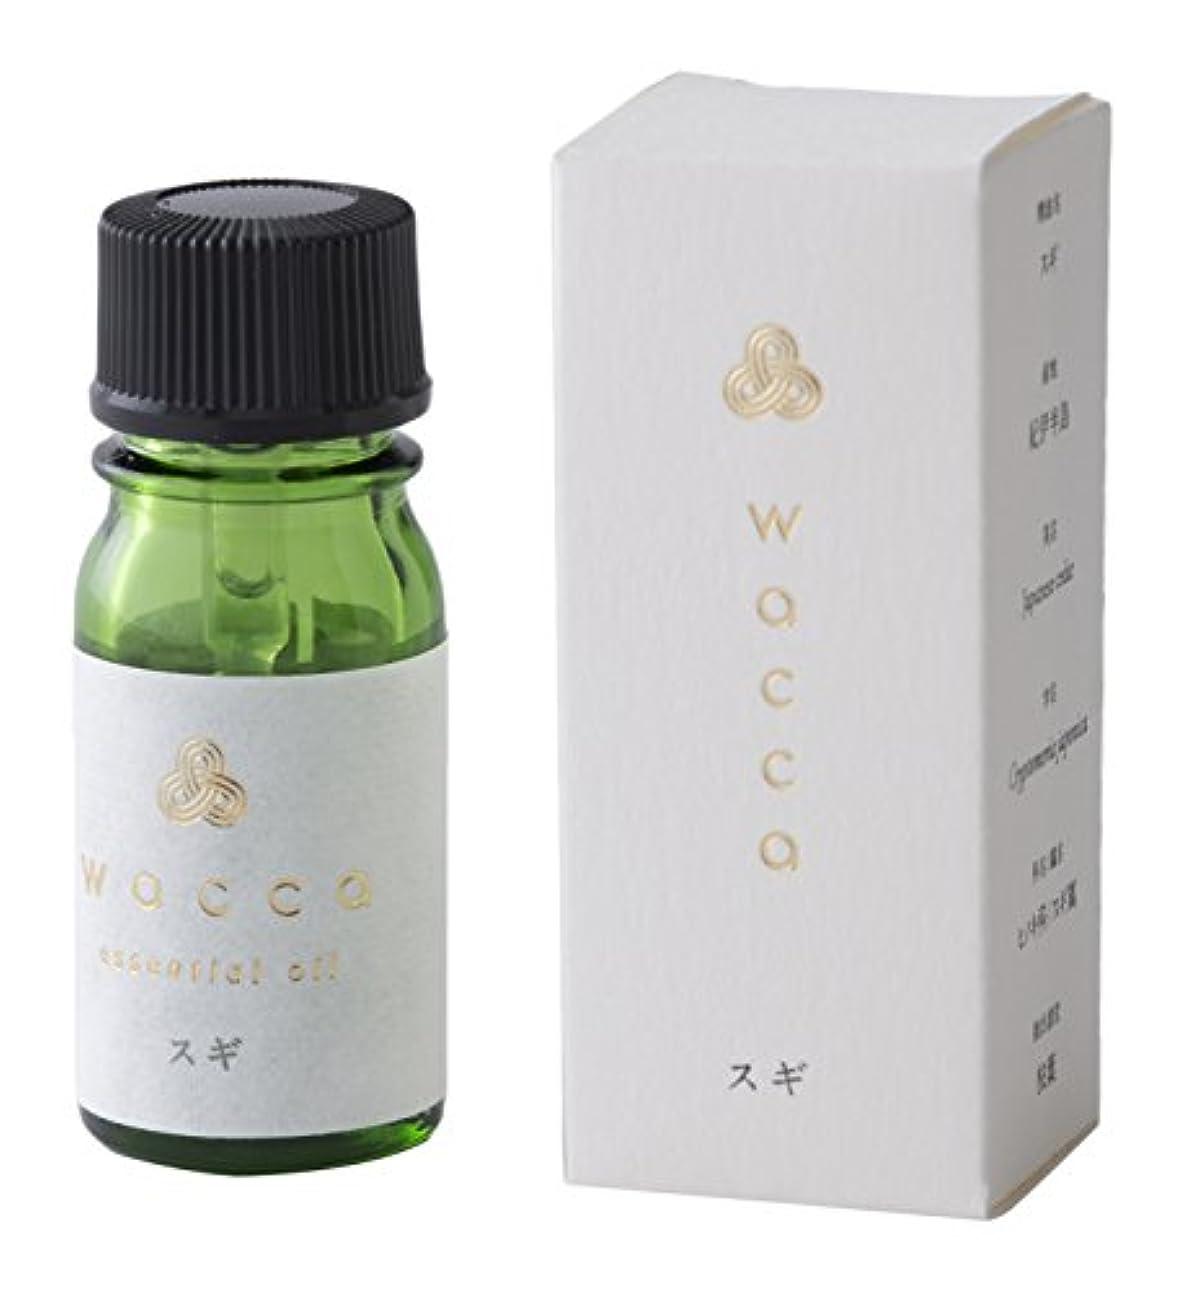 レンズ周術期亡命wacca ワッカ エッセンシャルオイル 5ml 杉 スギ Japanese cedar essential oil 和精油 KUSU HANDMADE